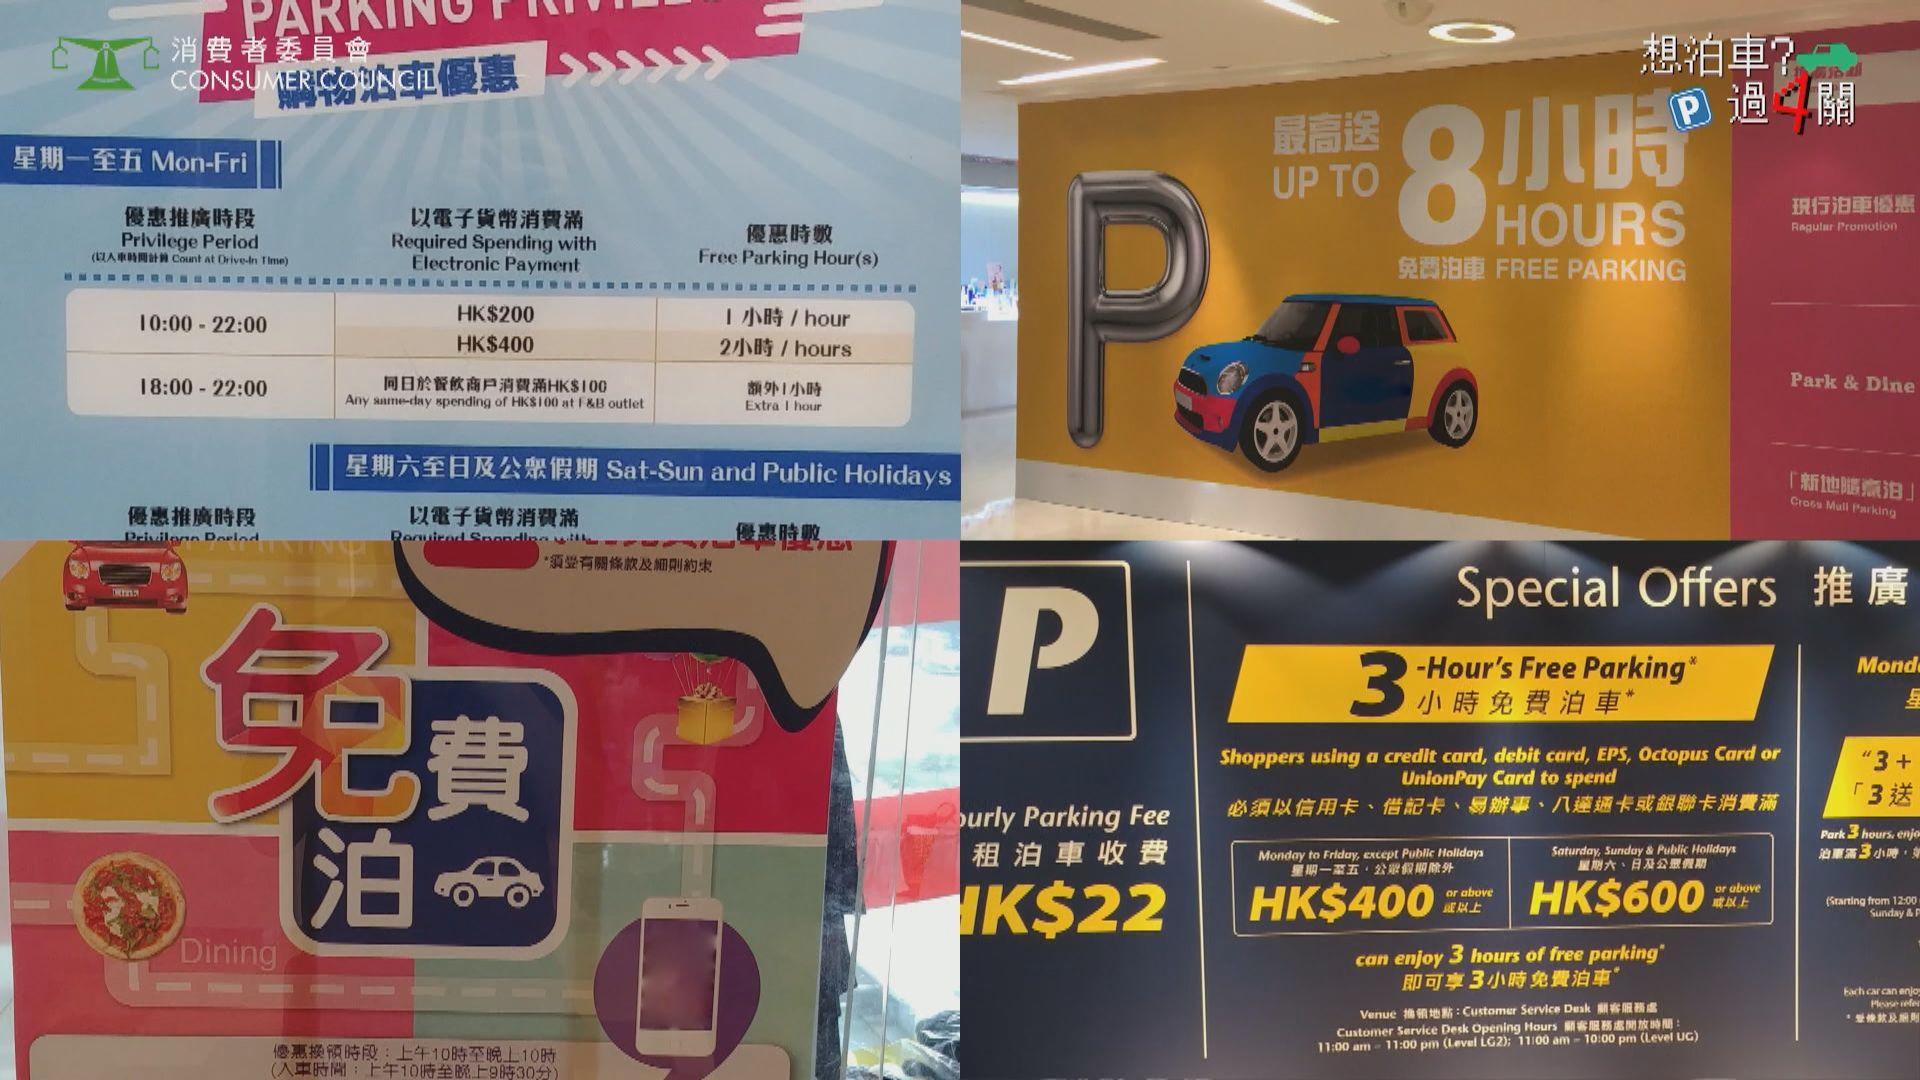 【消委會報告】閘機時間不準、展示收費不清 停車場問題多多